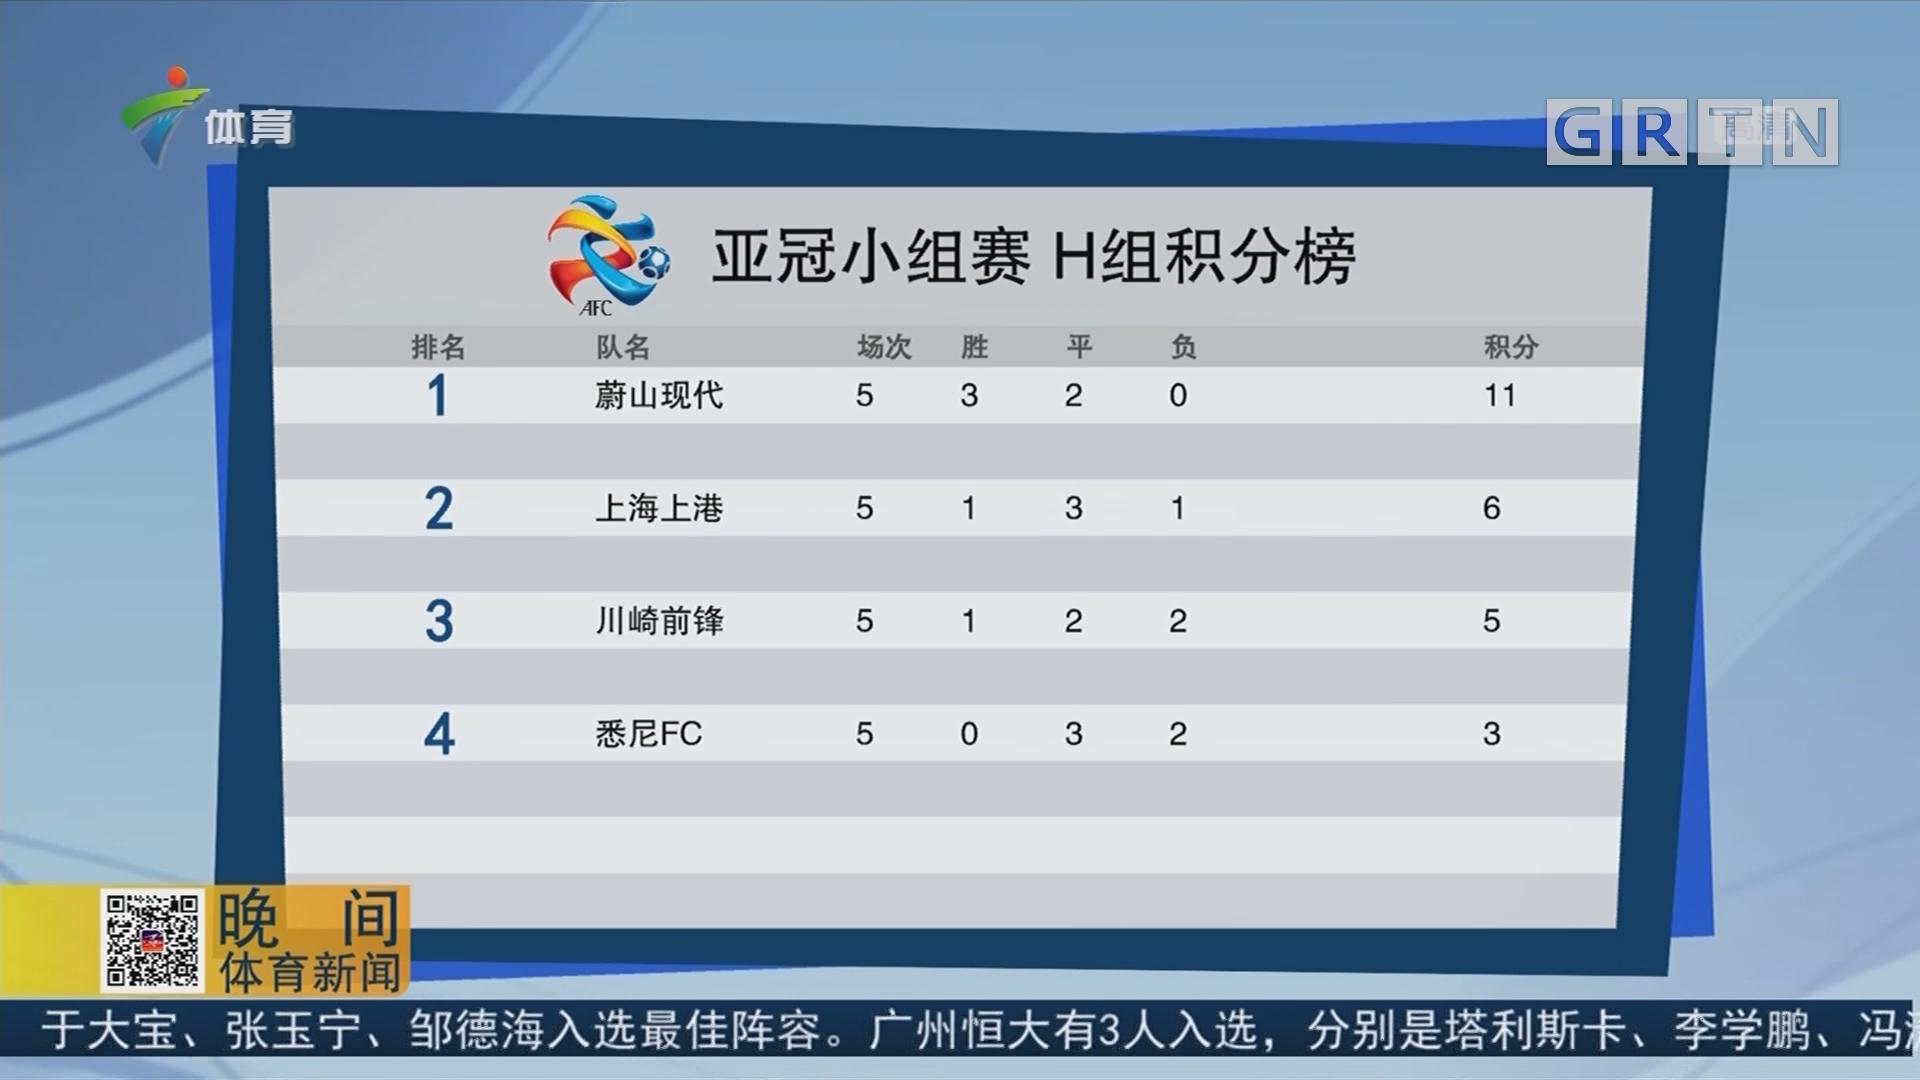 亚冠小组赛 H组积分榜